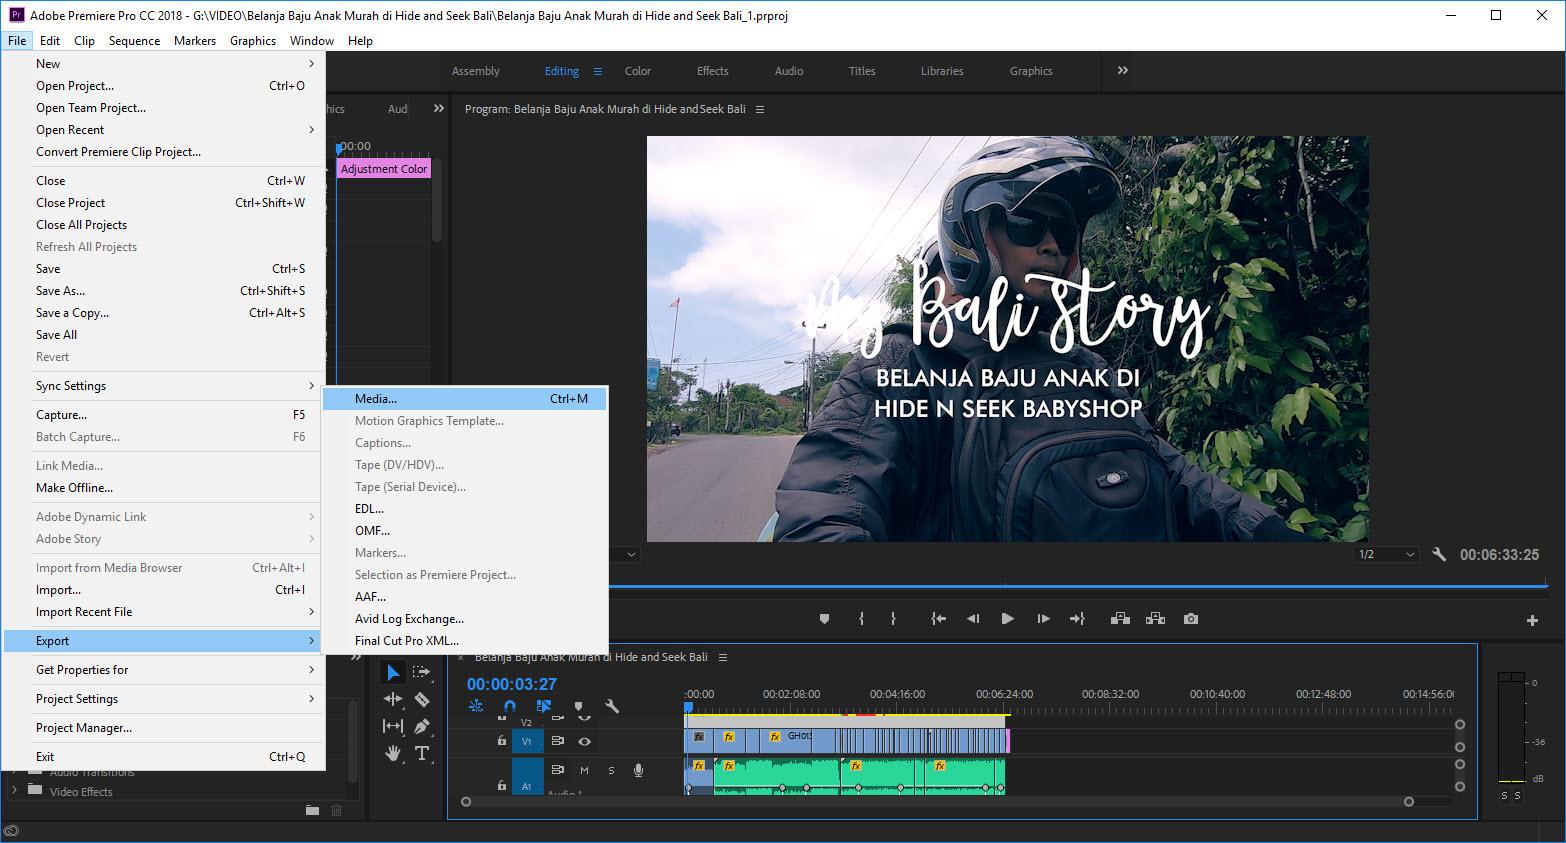 Cara Export Video Di Adobe Premiere Pro Untuk Di Upload Ke Youtube